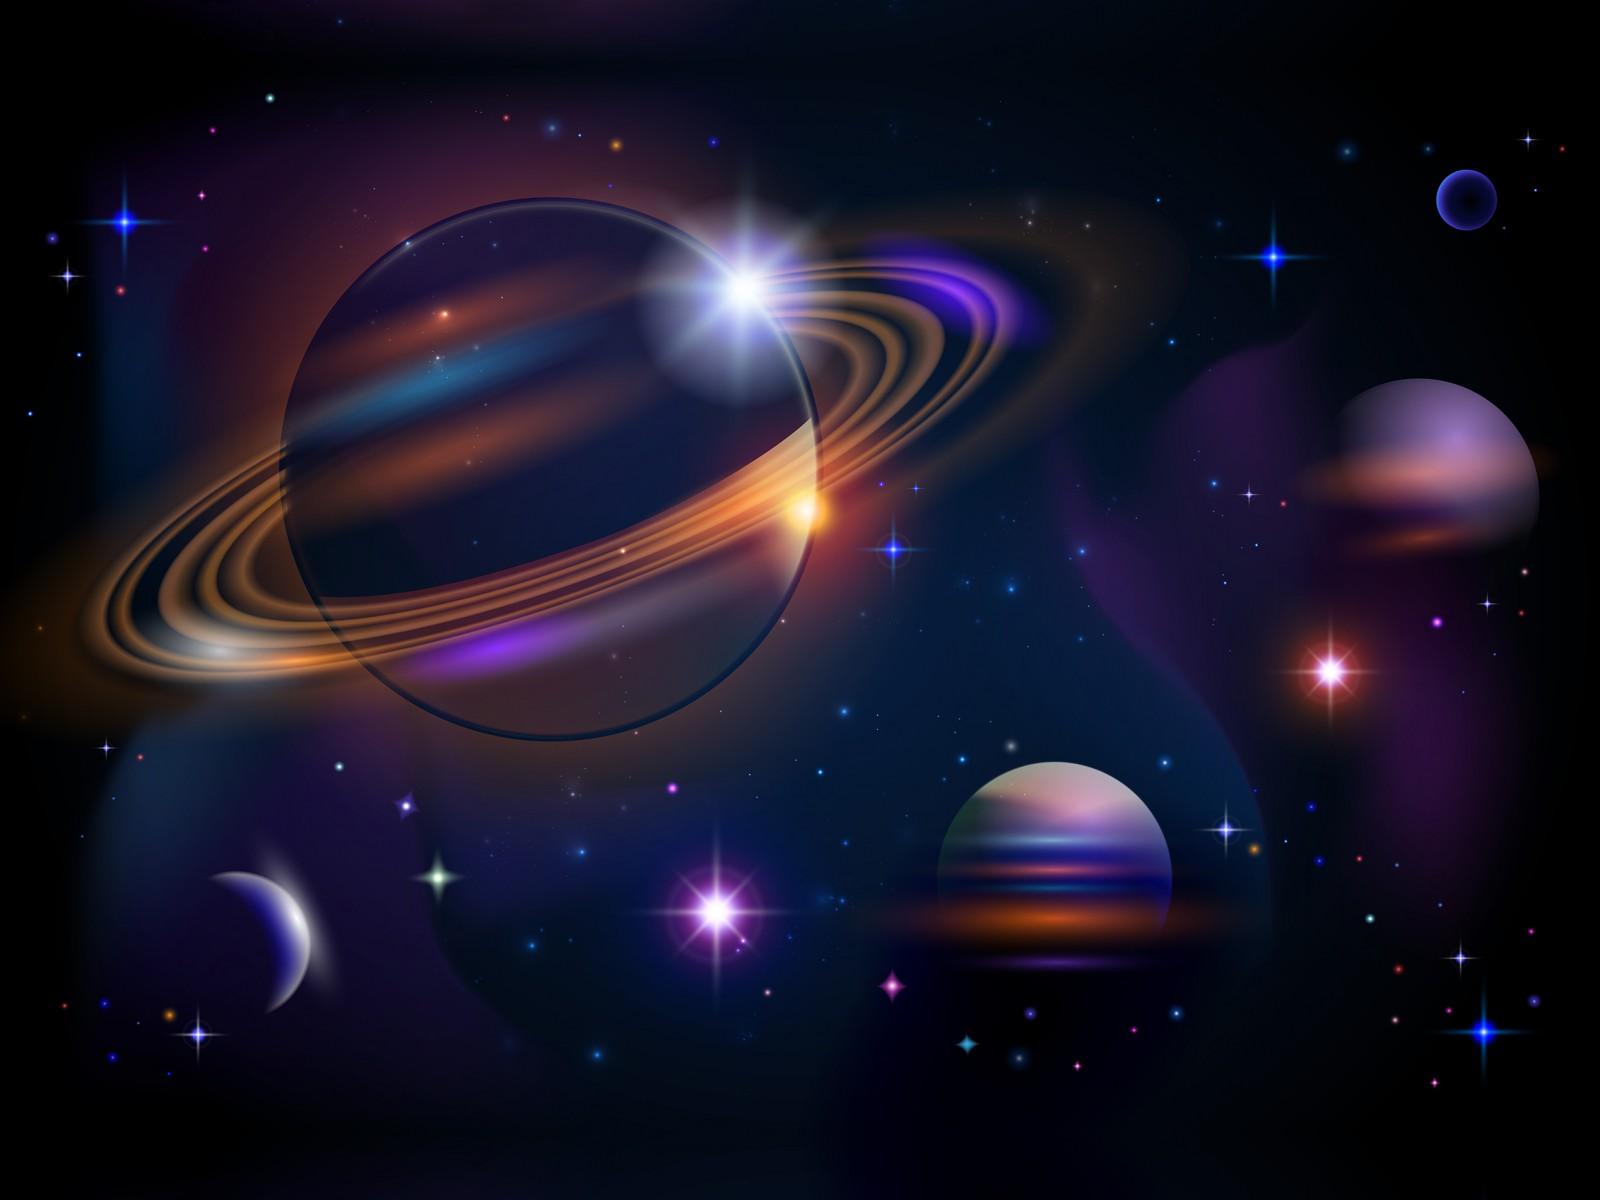 xxl fototapeten tapete weltall universum planeten sterne With balkon teppich mit tapete weltraum planeten